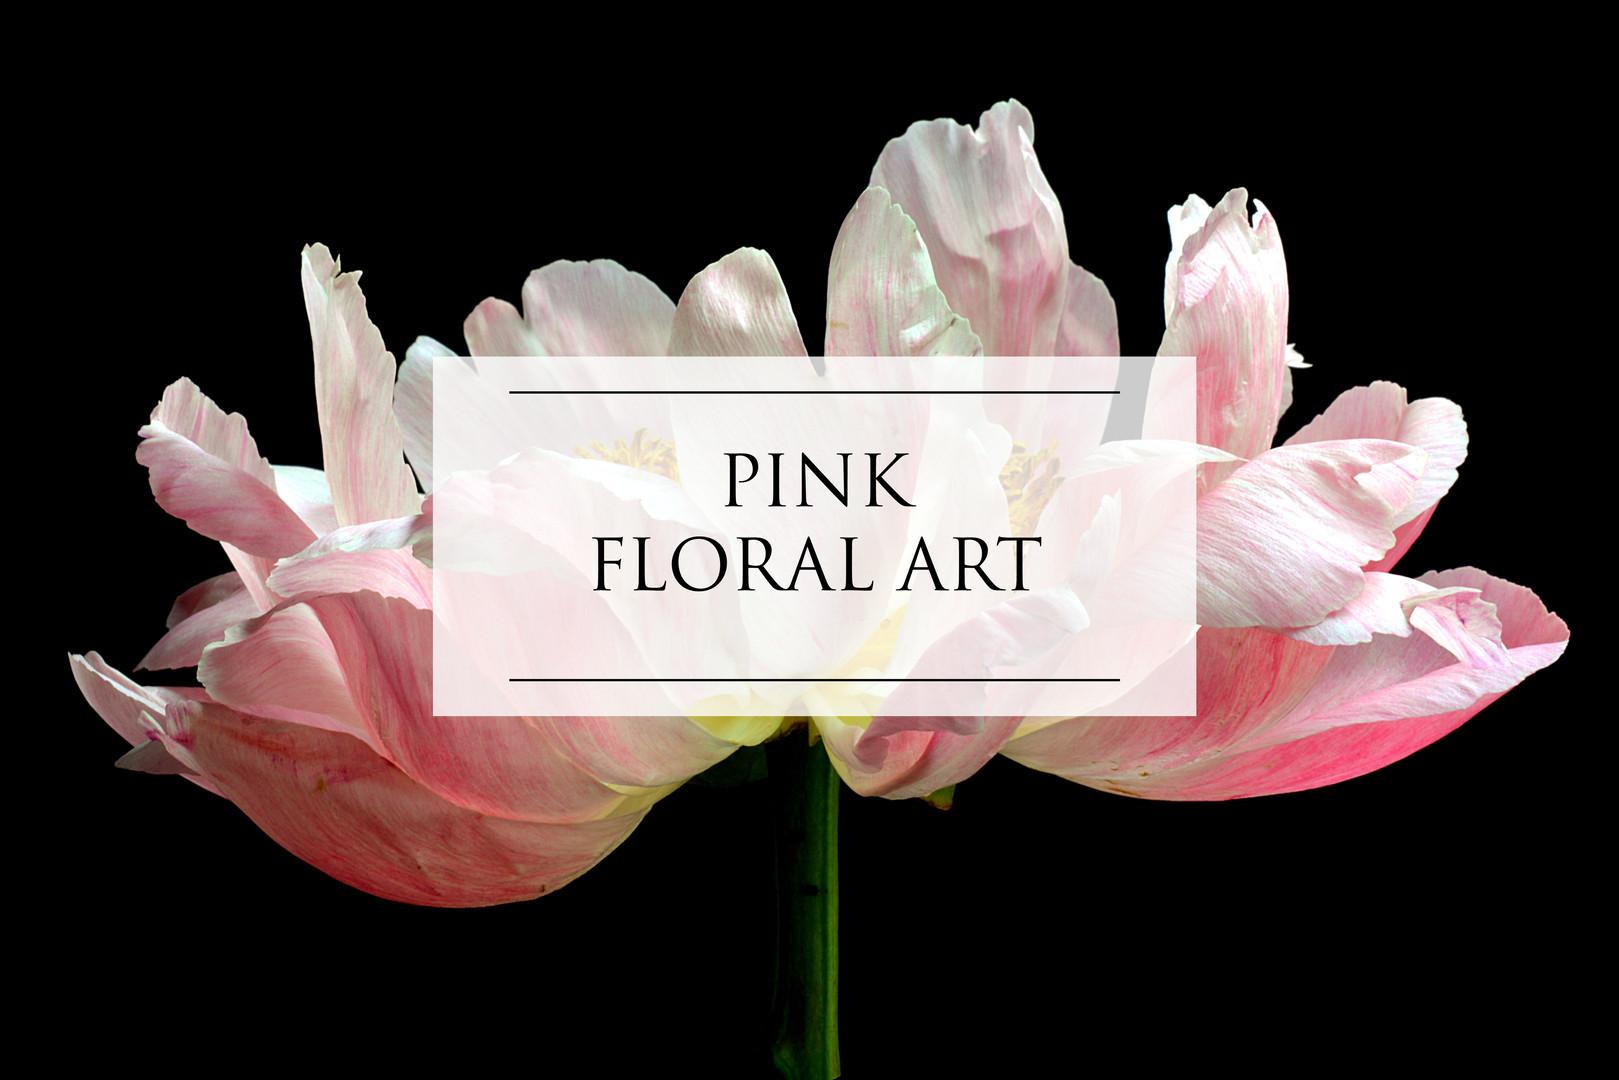 PINK FLORAL ART